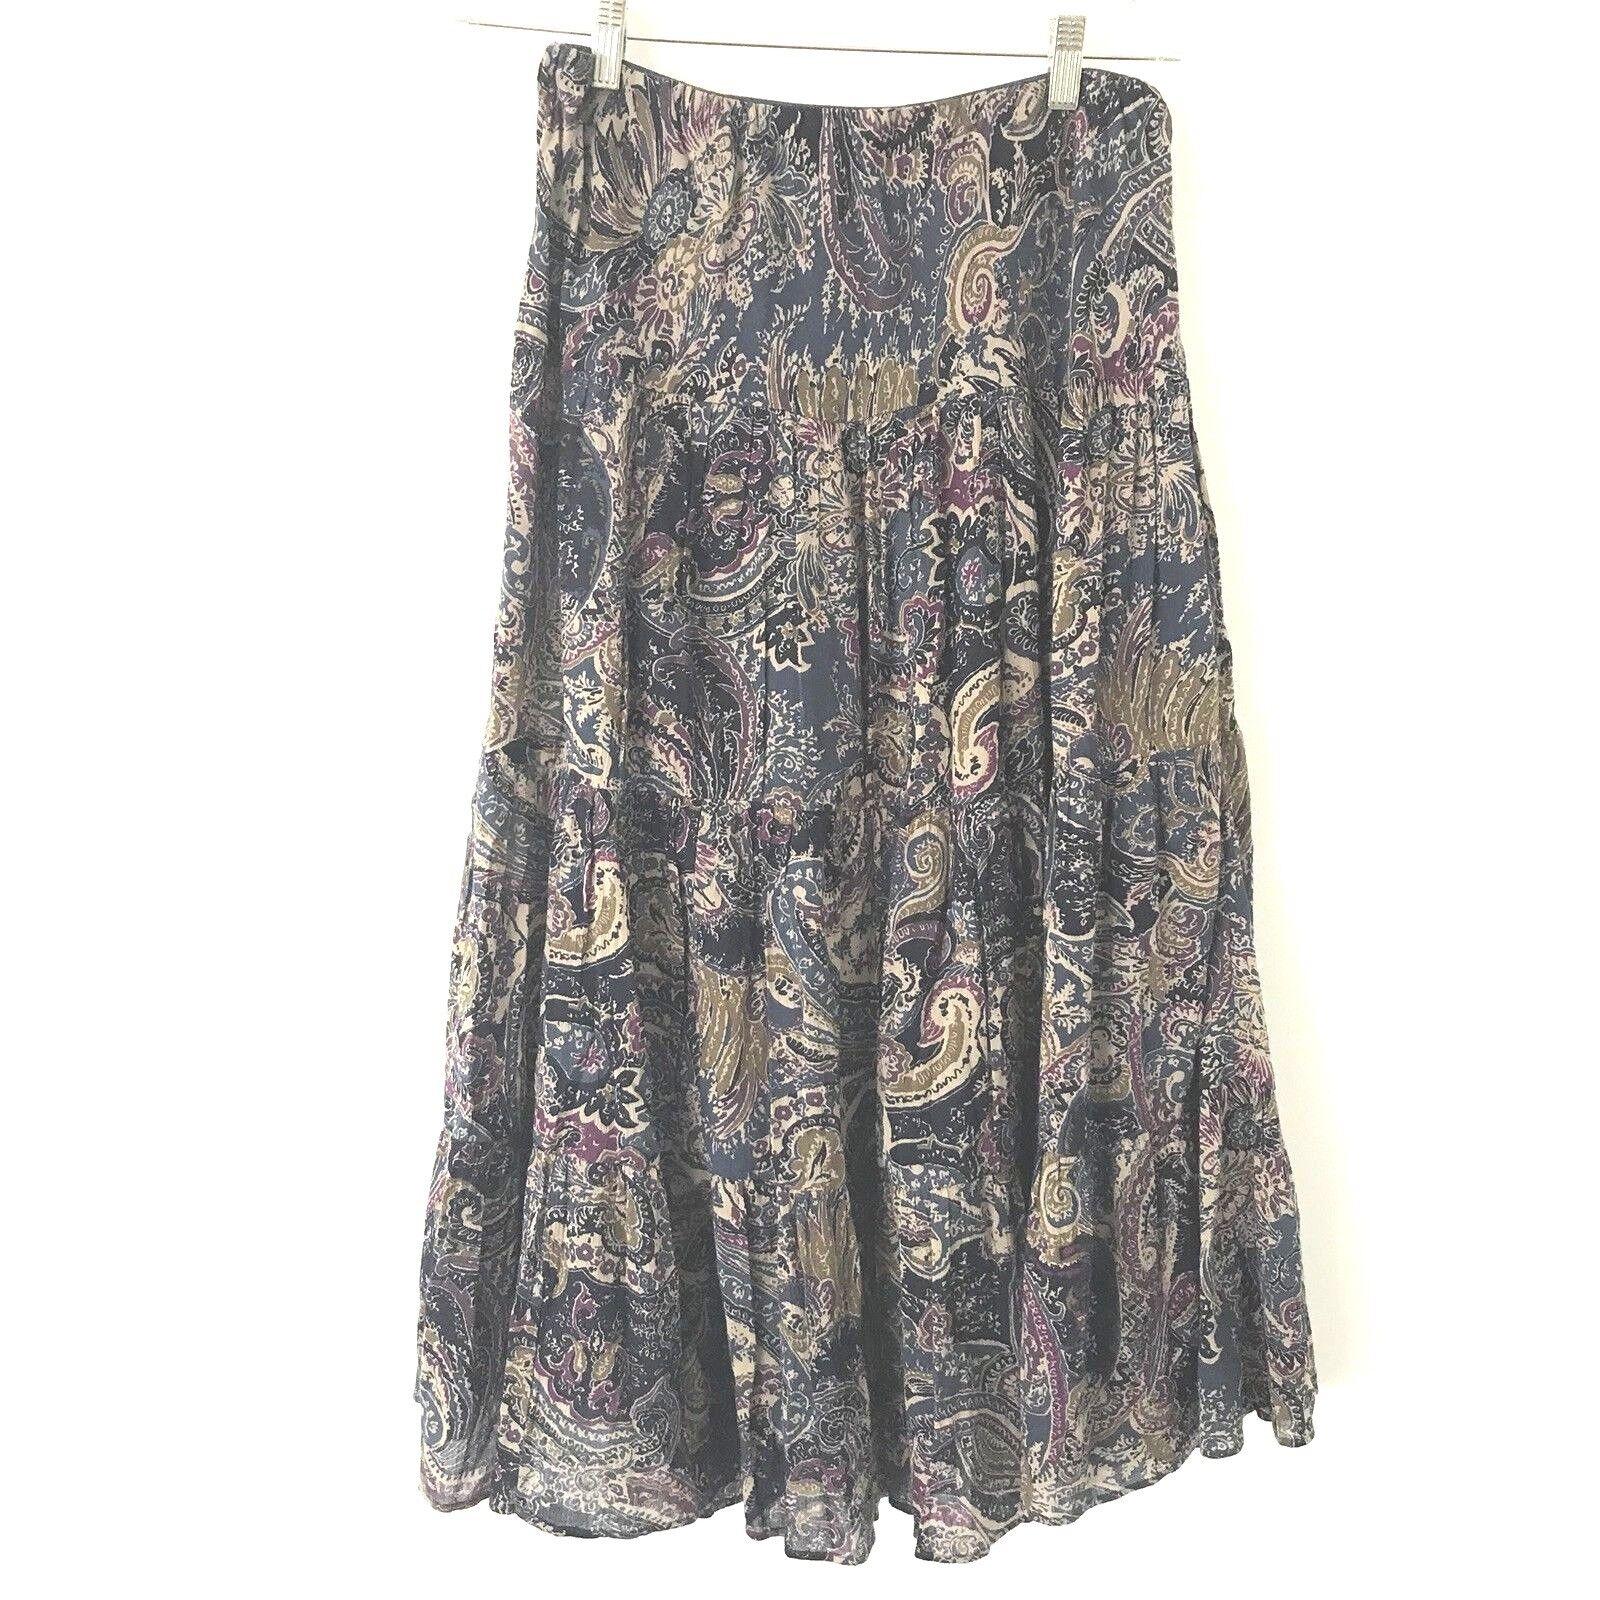 Chaps Denim M Lagenlook Paisley Cotton Gauze Lined Boho Multi color Maxi Skirt